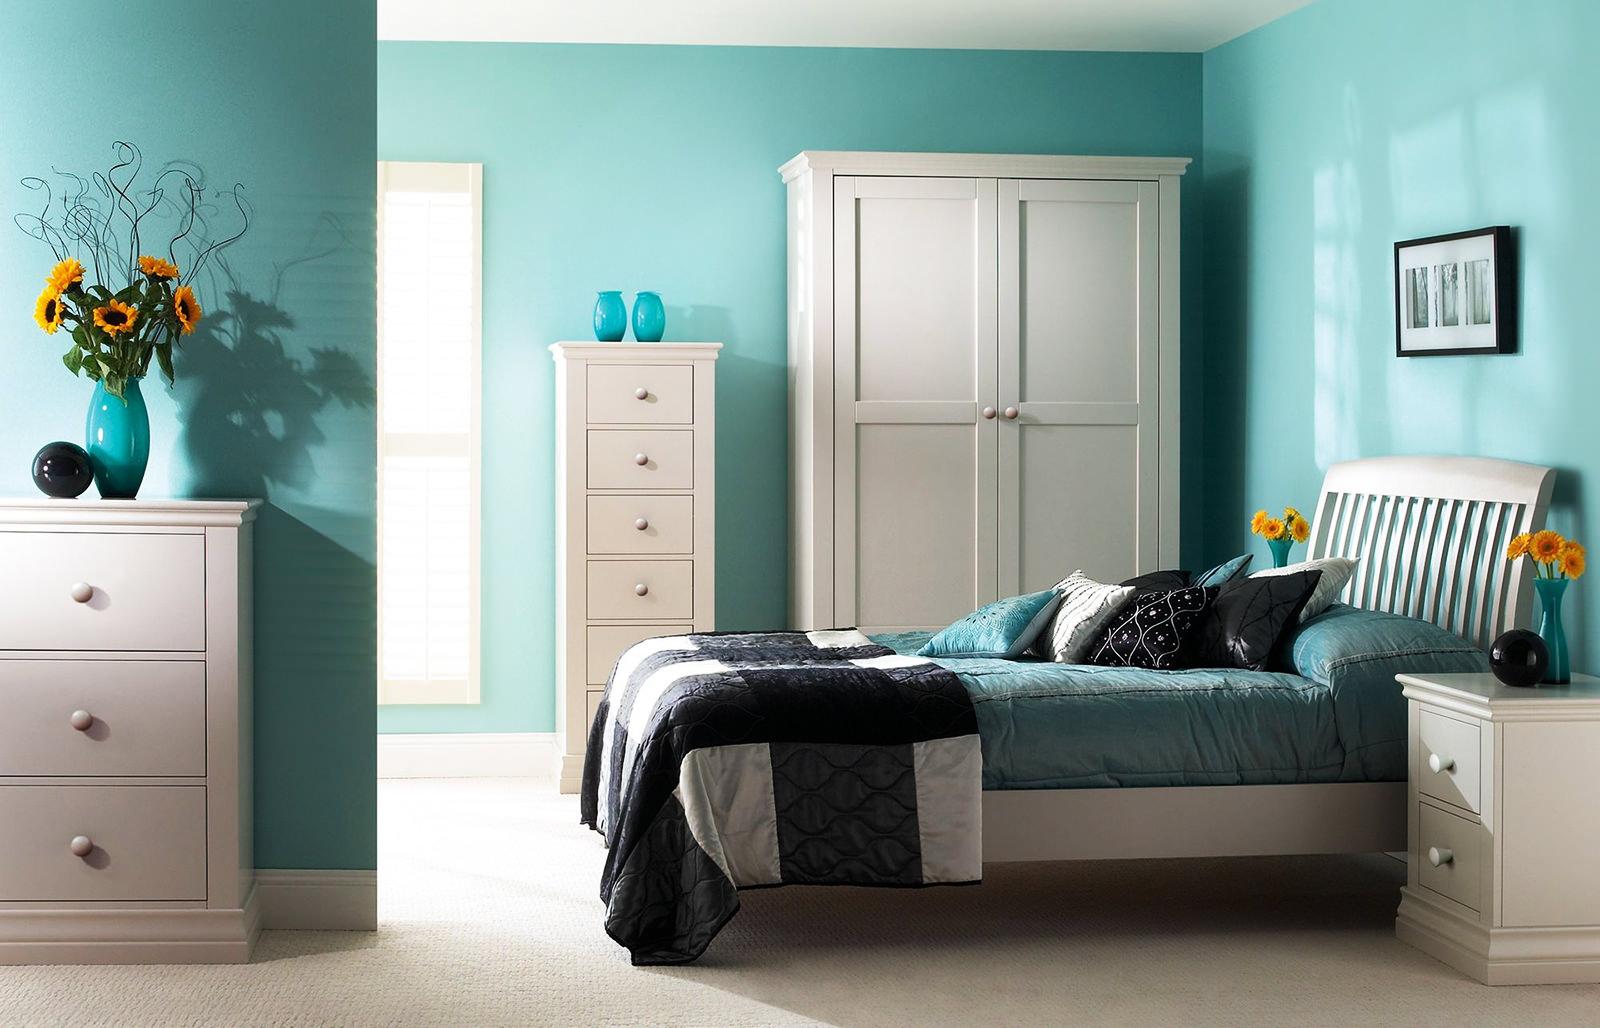 Блекло-зеленый оттенок бирюзового в спальне